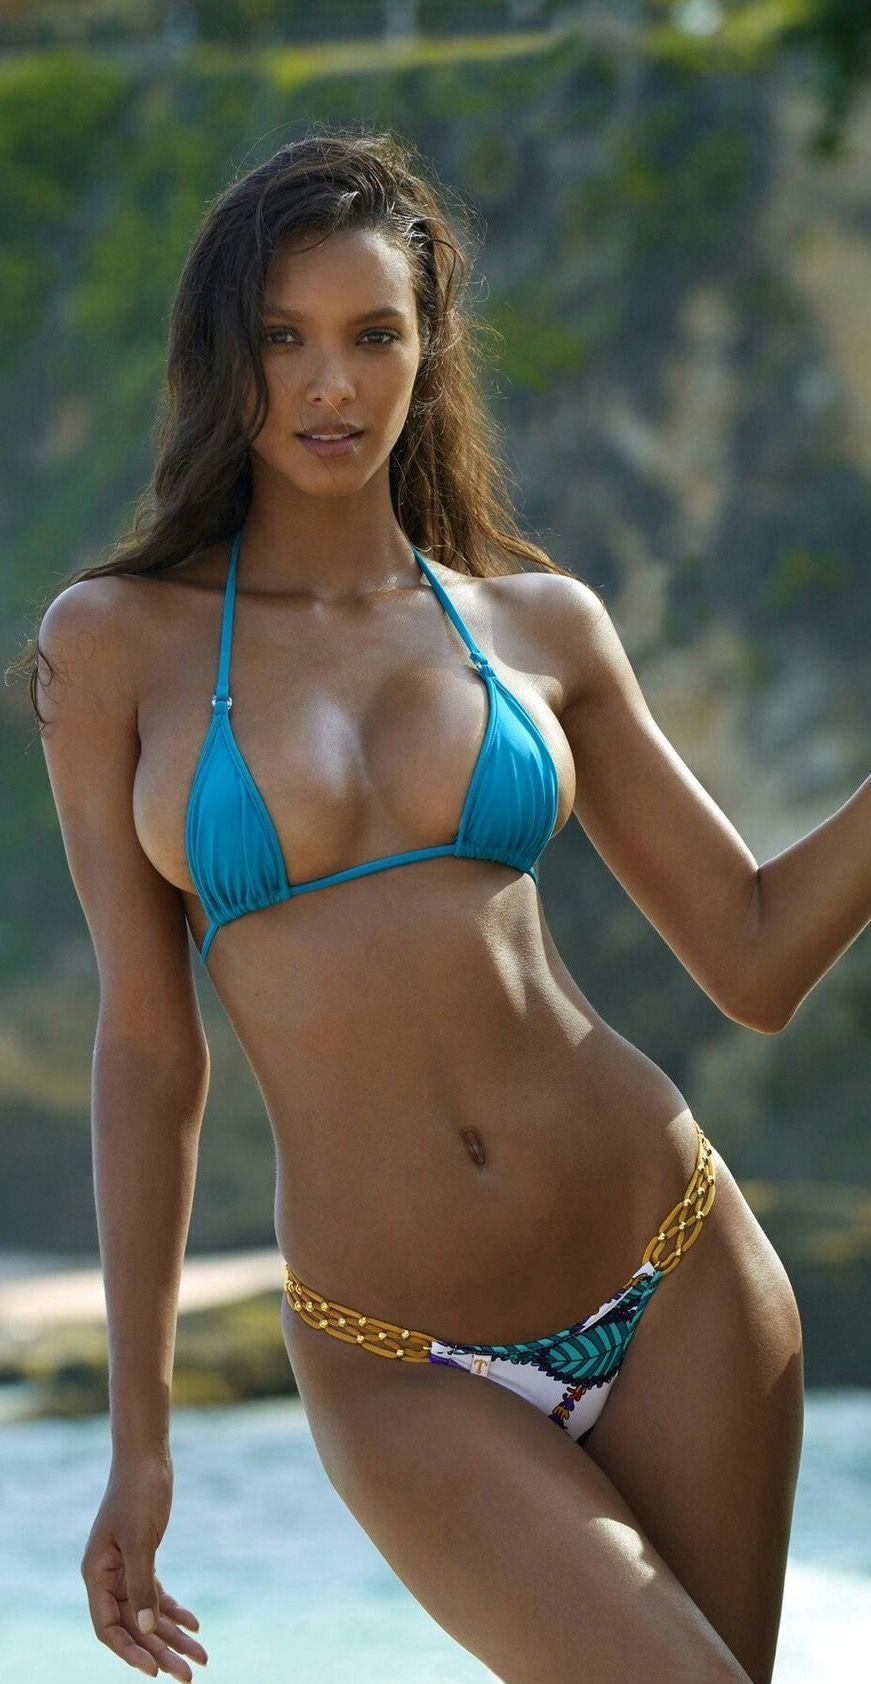 bb481e70416c Pin de martiniano en tias buenas   Chicas en bikini, Chicas hermosas ...